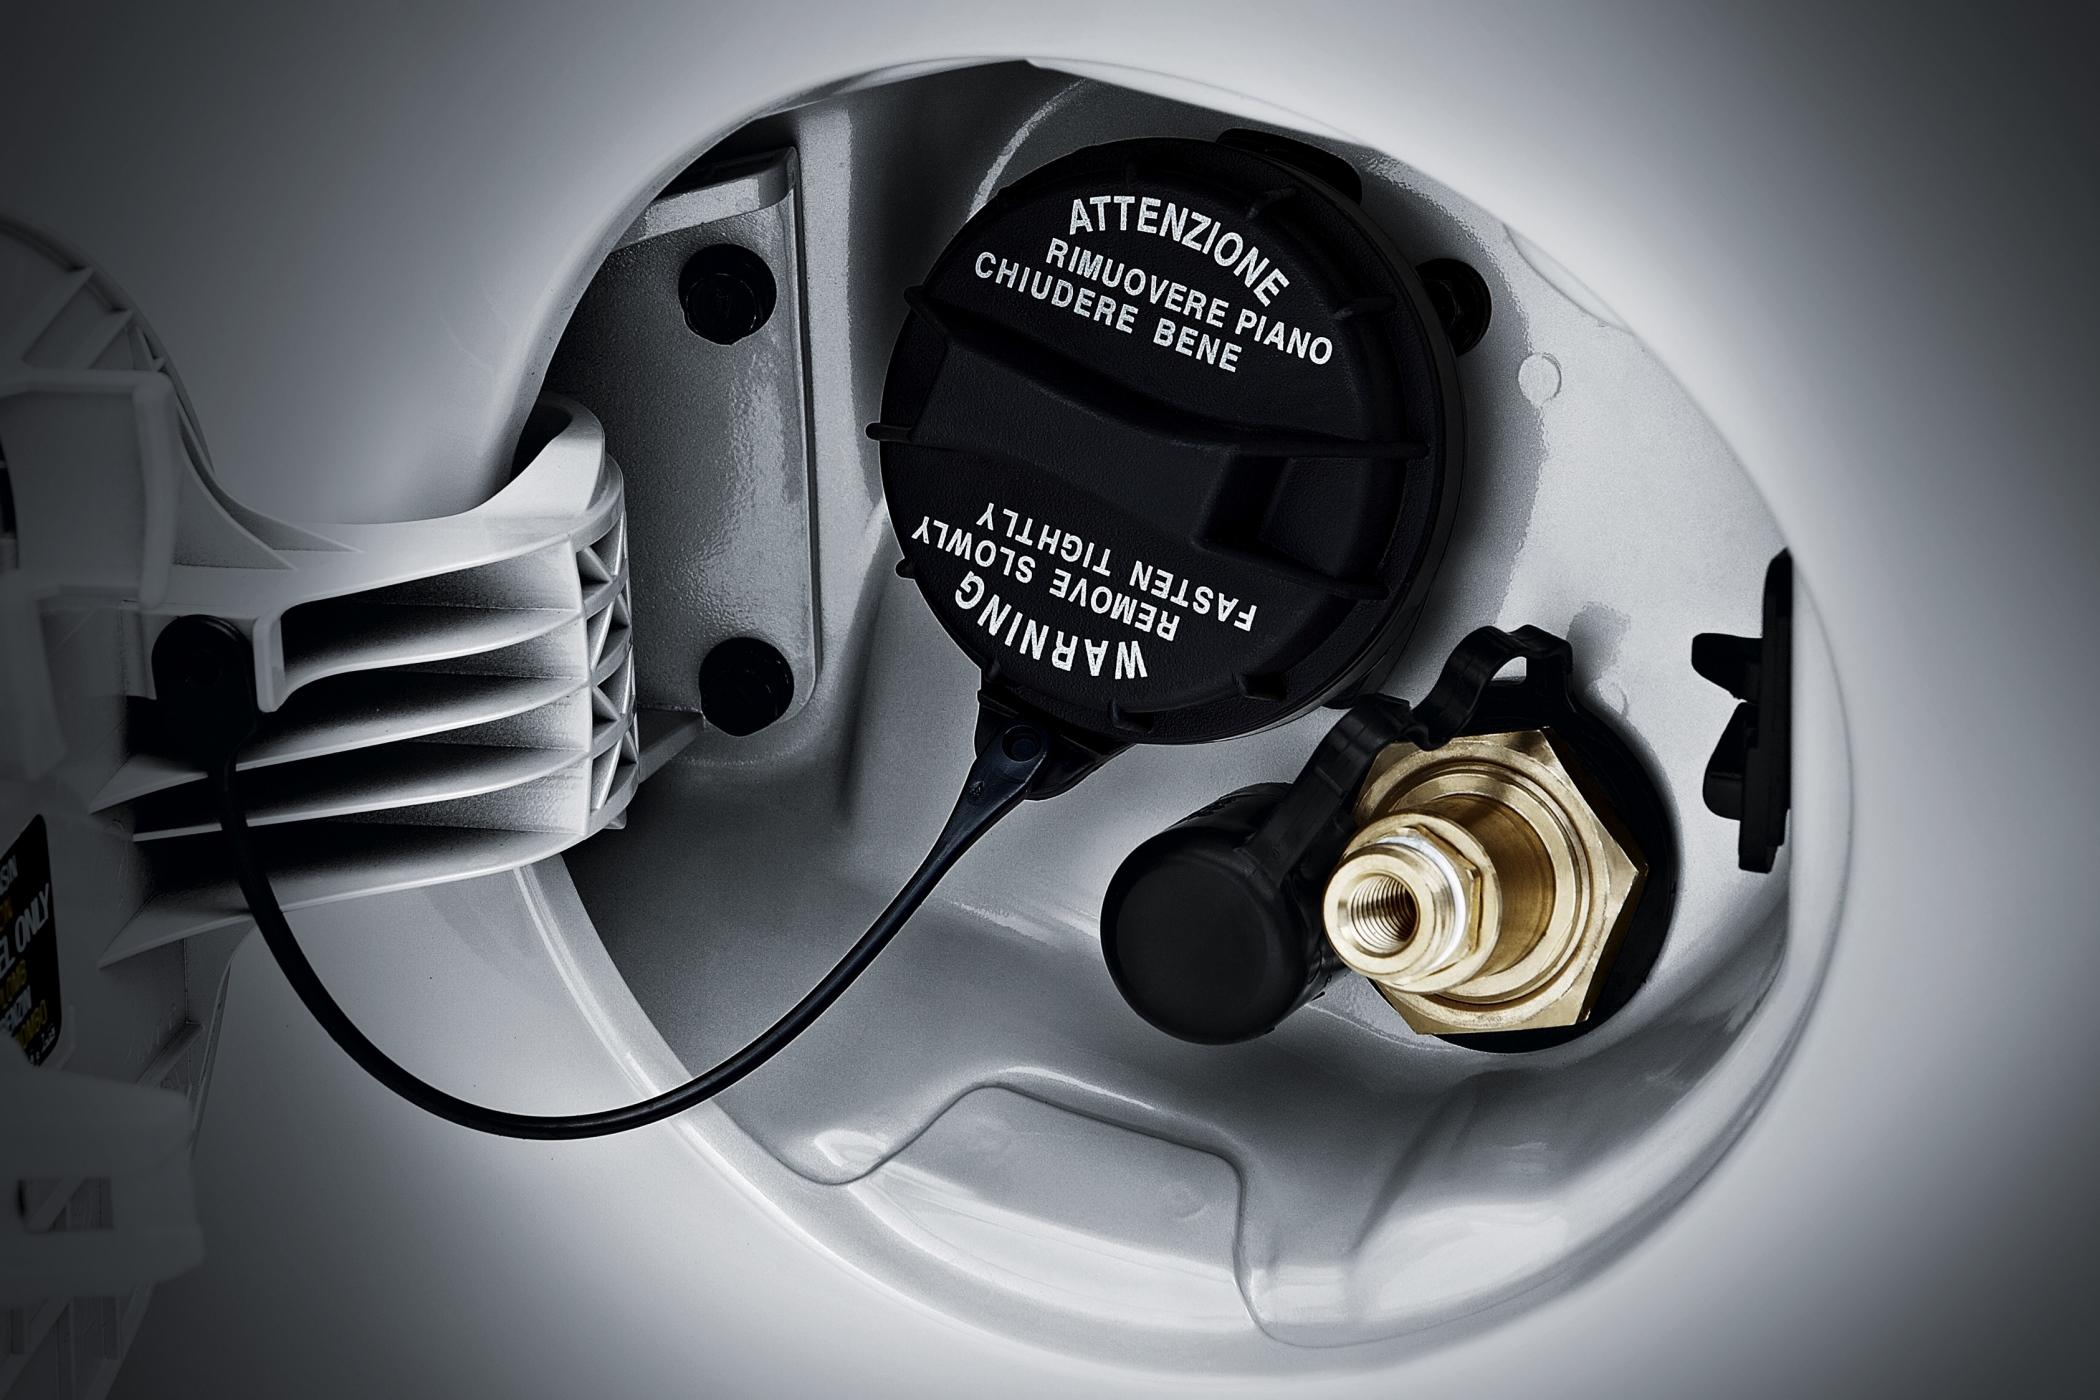 Ungewöhnlich im Kleinstwagensegment: Kia bietet den Picanto auch mit Flüssiggas an.